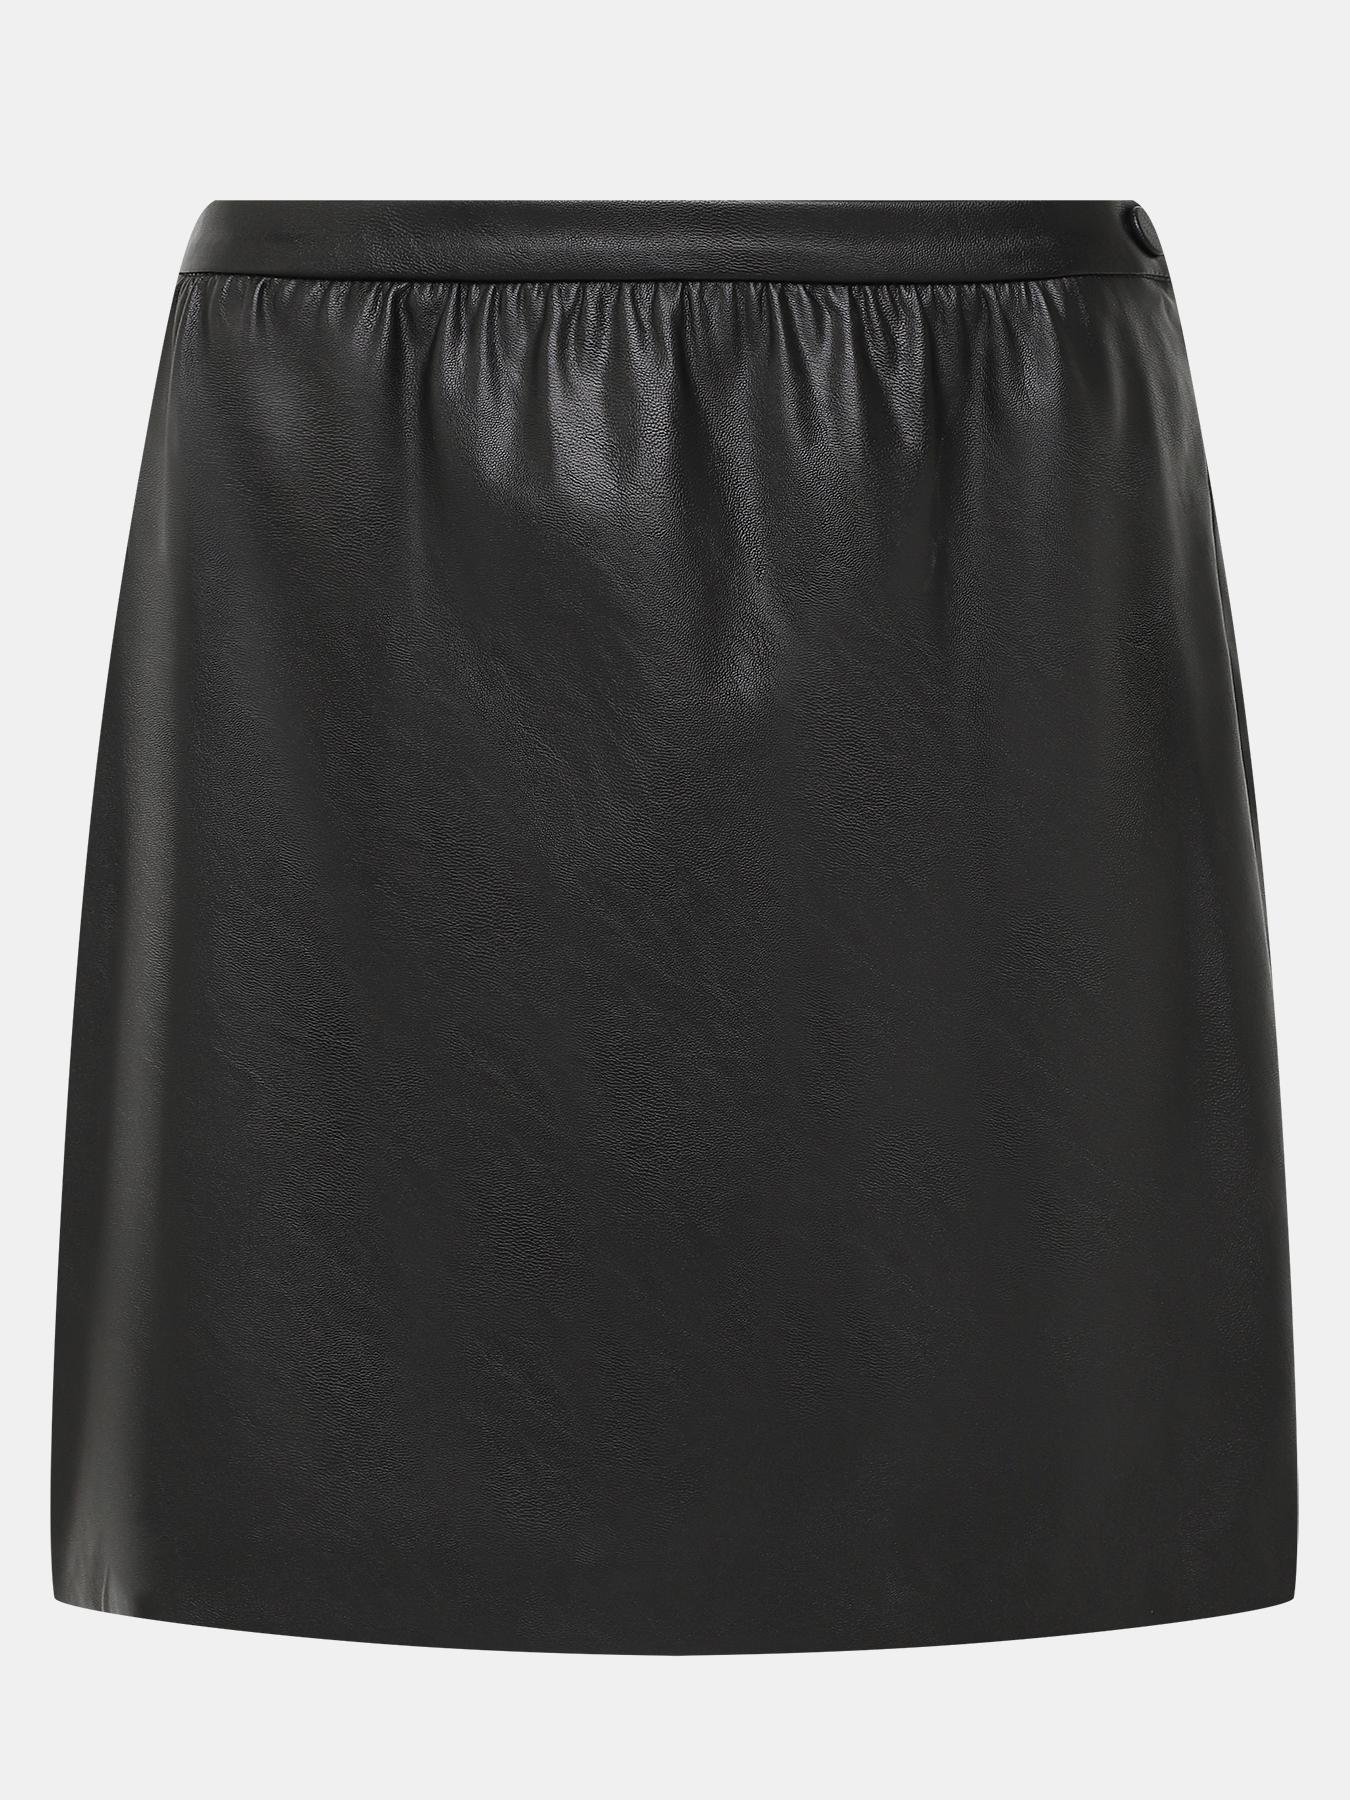 Фото - Юбки Pinko Юбка pinko юбка до колена